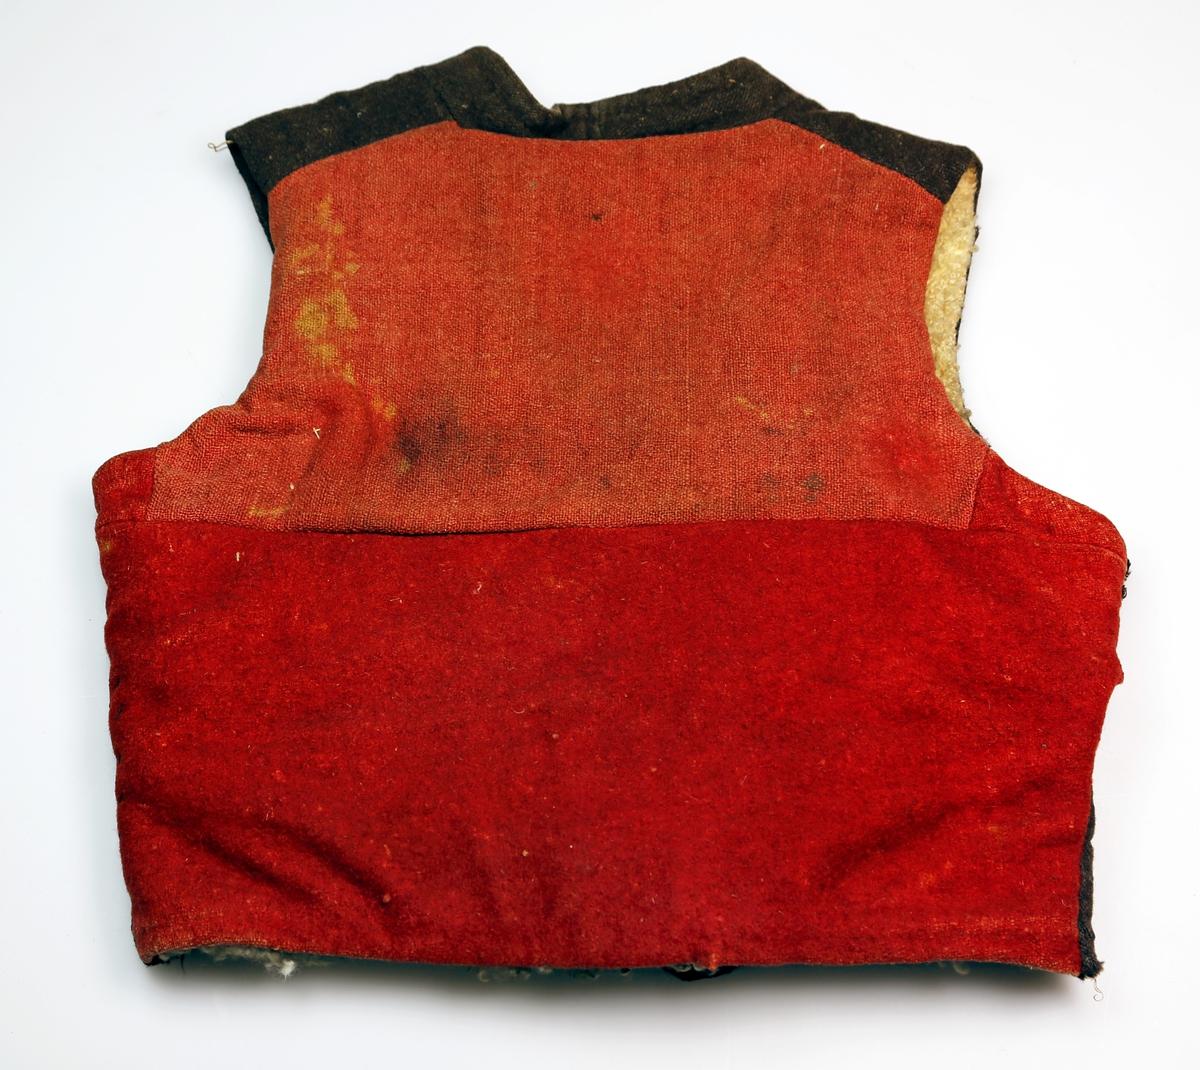 Vest i grovt ullstoff, med brun front og rød rygg, saueskinn til fôr, to lommer, metallknapper med messing overflate, en sekundær knapp nederst av plast.  Ryggstykket består av to store stoffbiter og to små under armene.